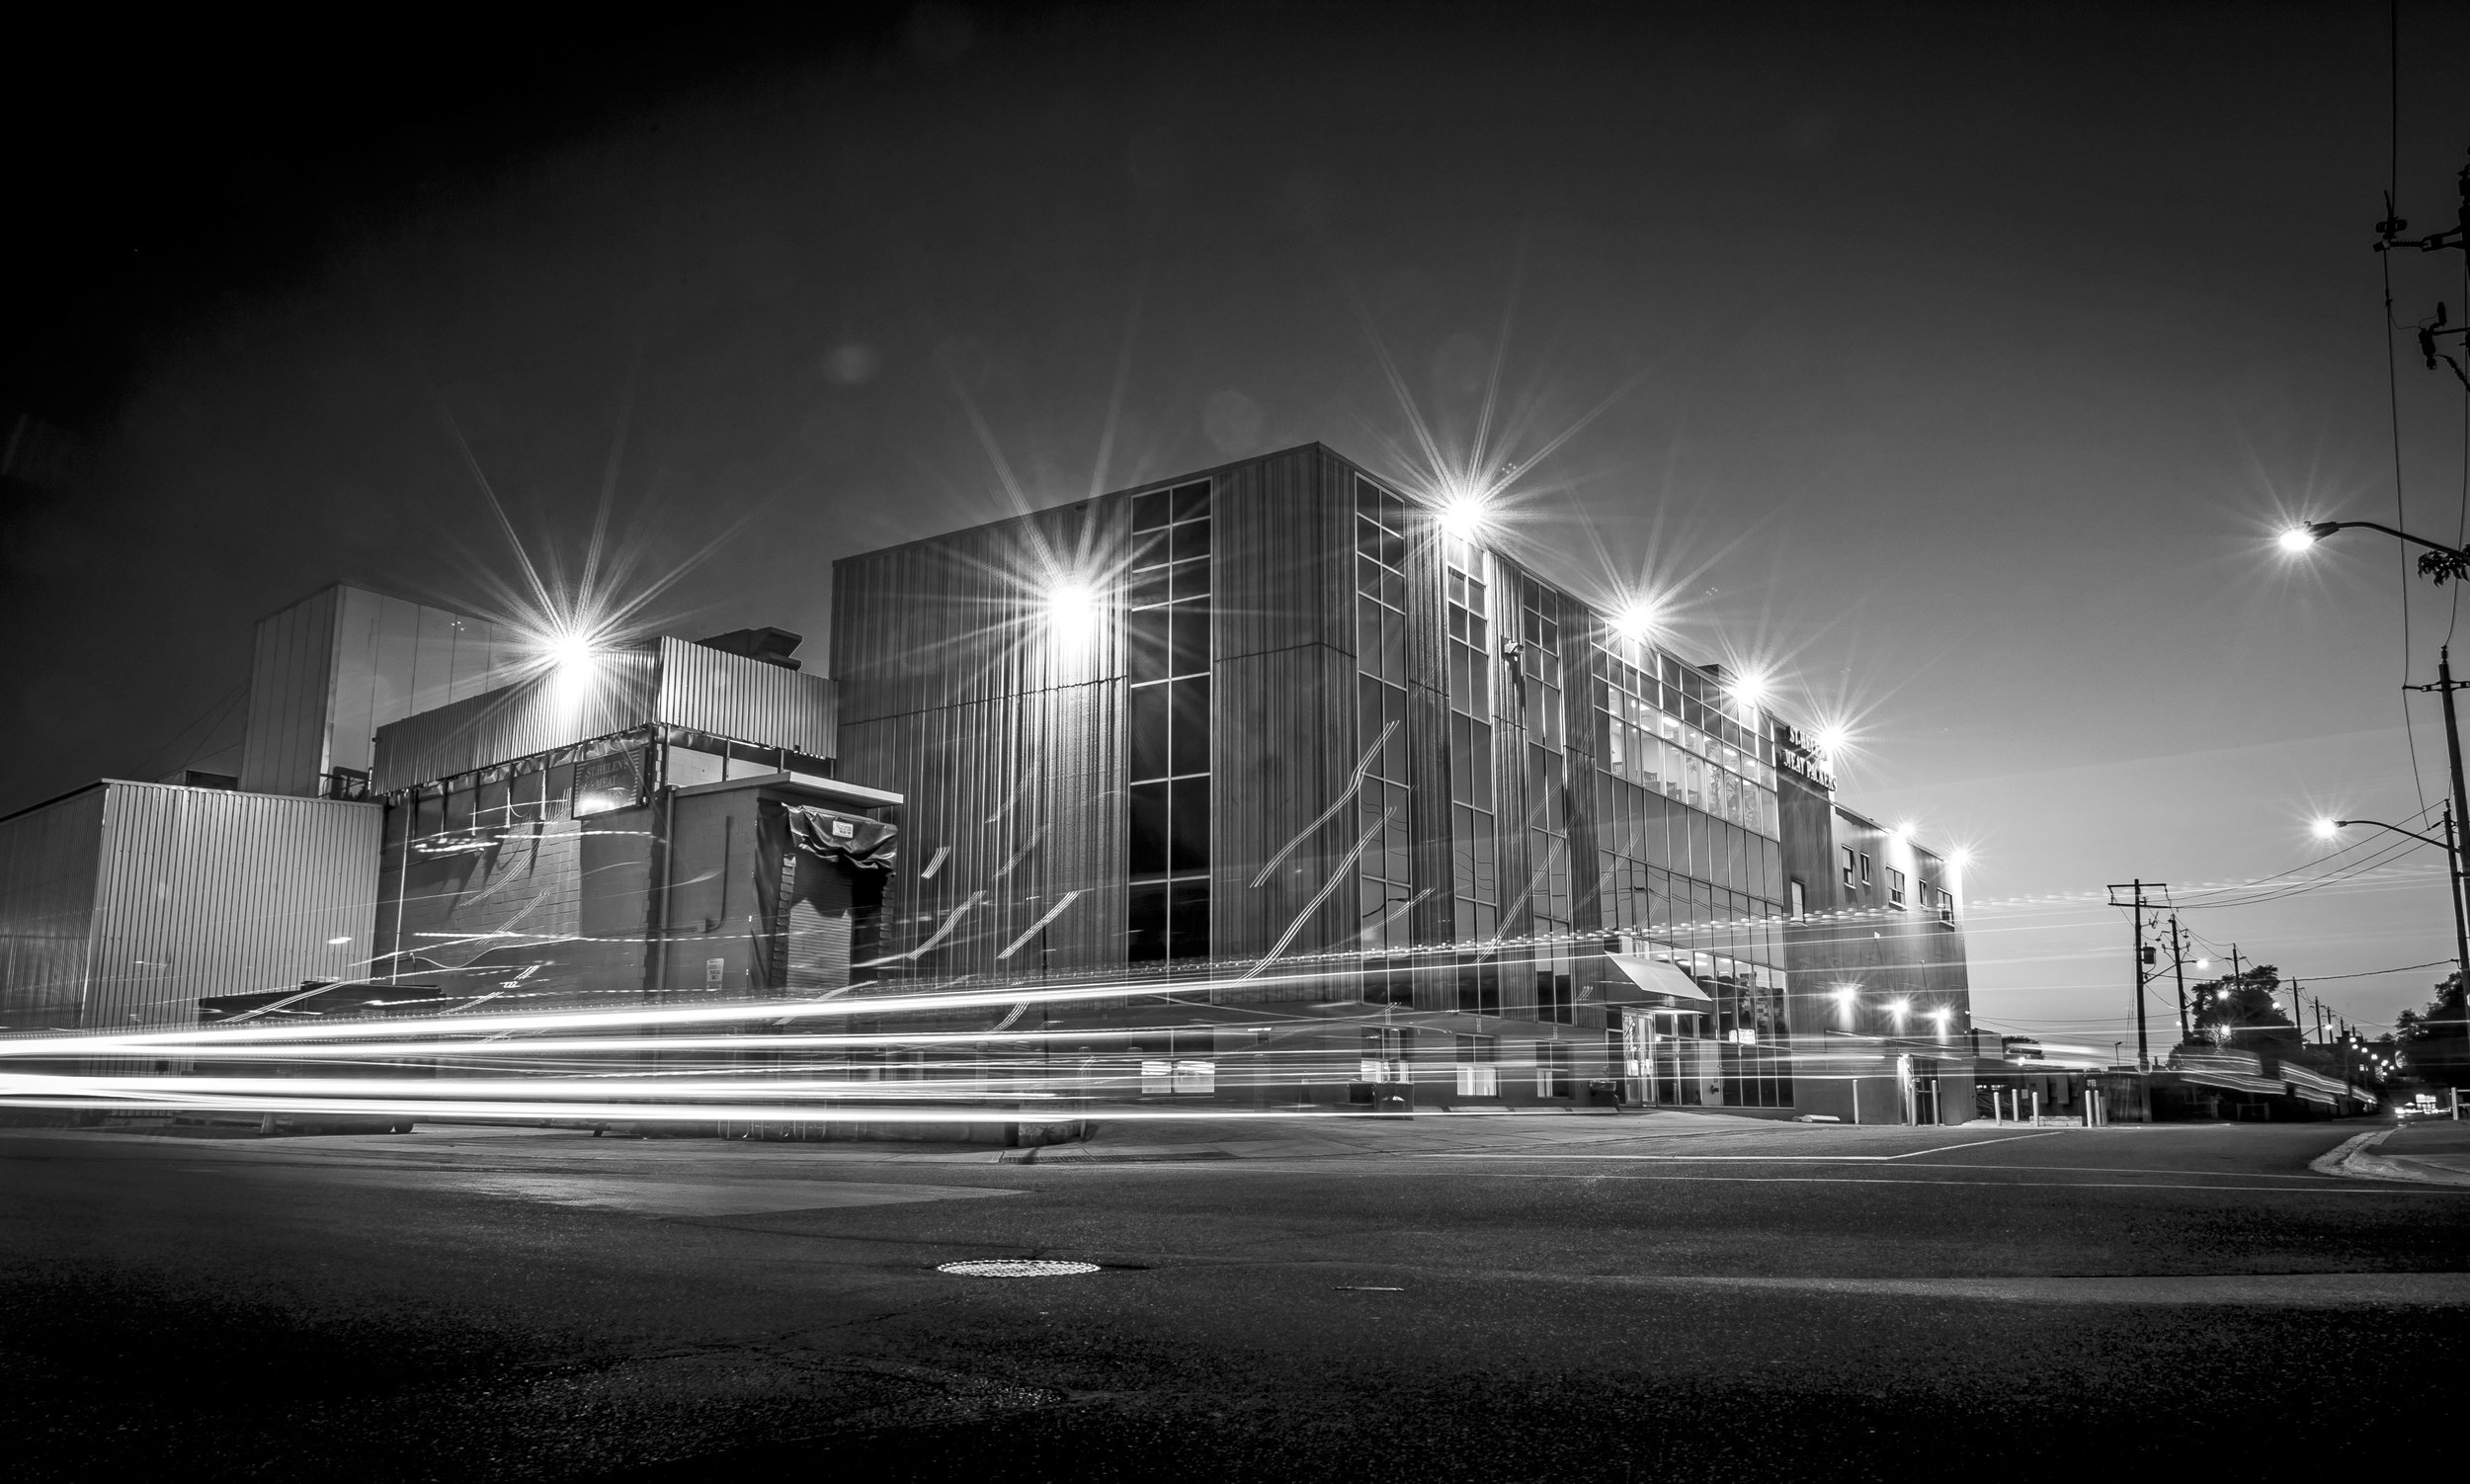 Industrial building in Rockcliffe-Smythe neighbourhood